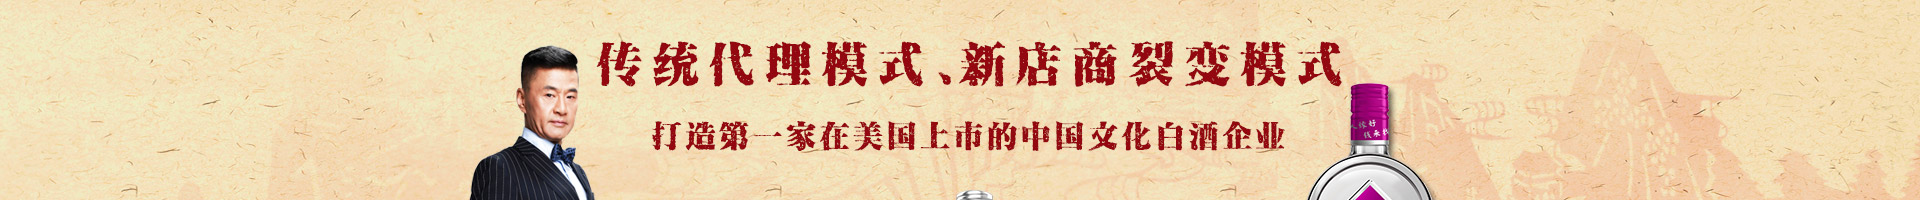 四川财神酒业有限公司